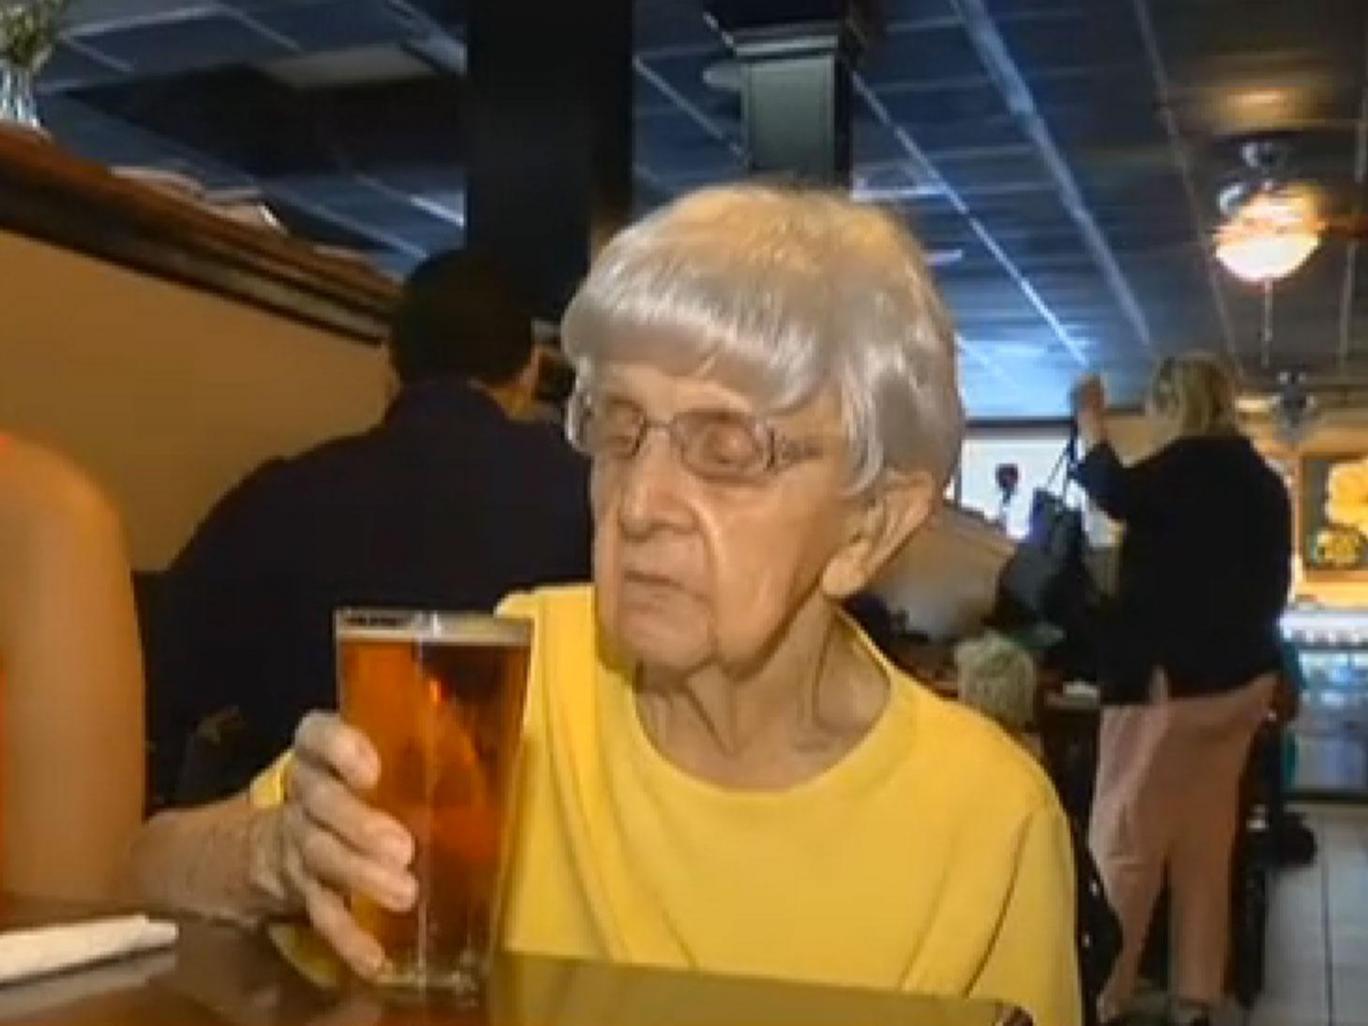 Mỹ: Sống lâu trăm tuổi nhờ uống bia mỗi ngày - 3